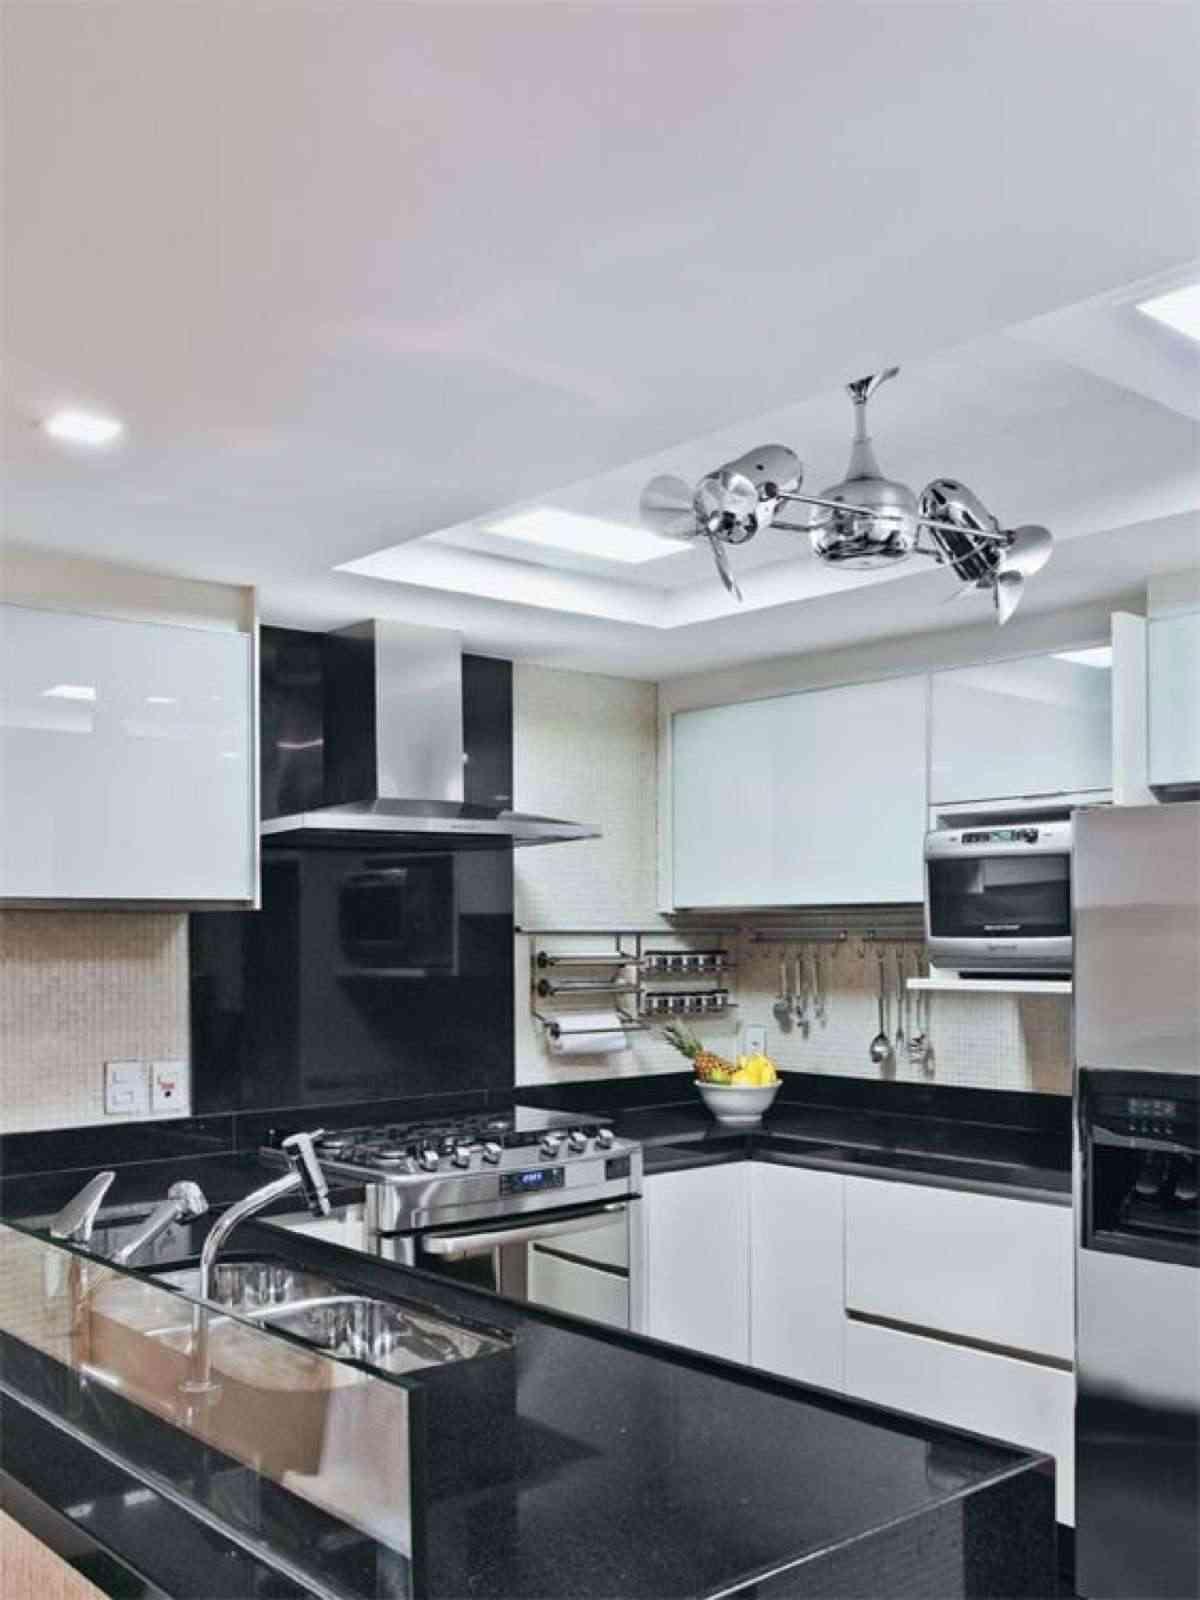 ventiladores de techo con luz para la cocina